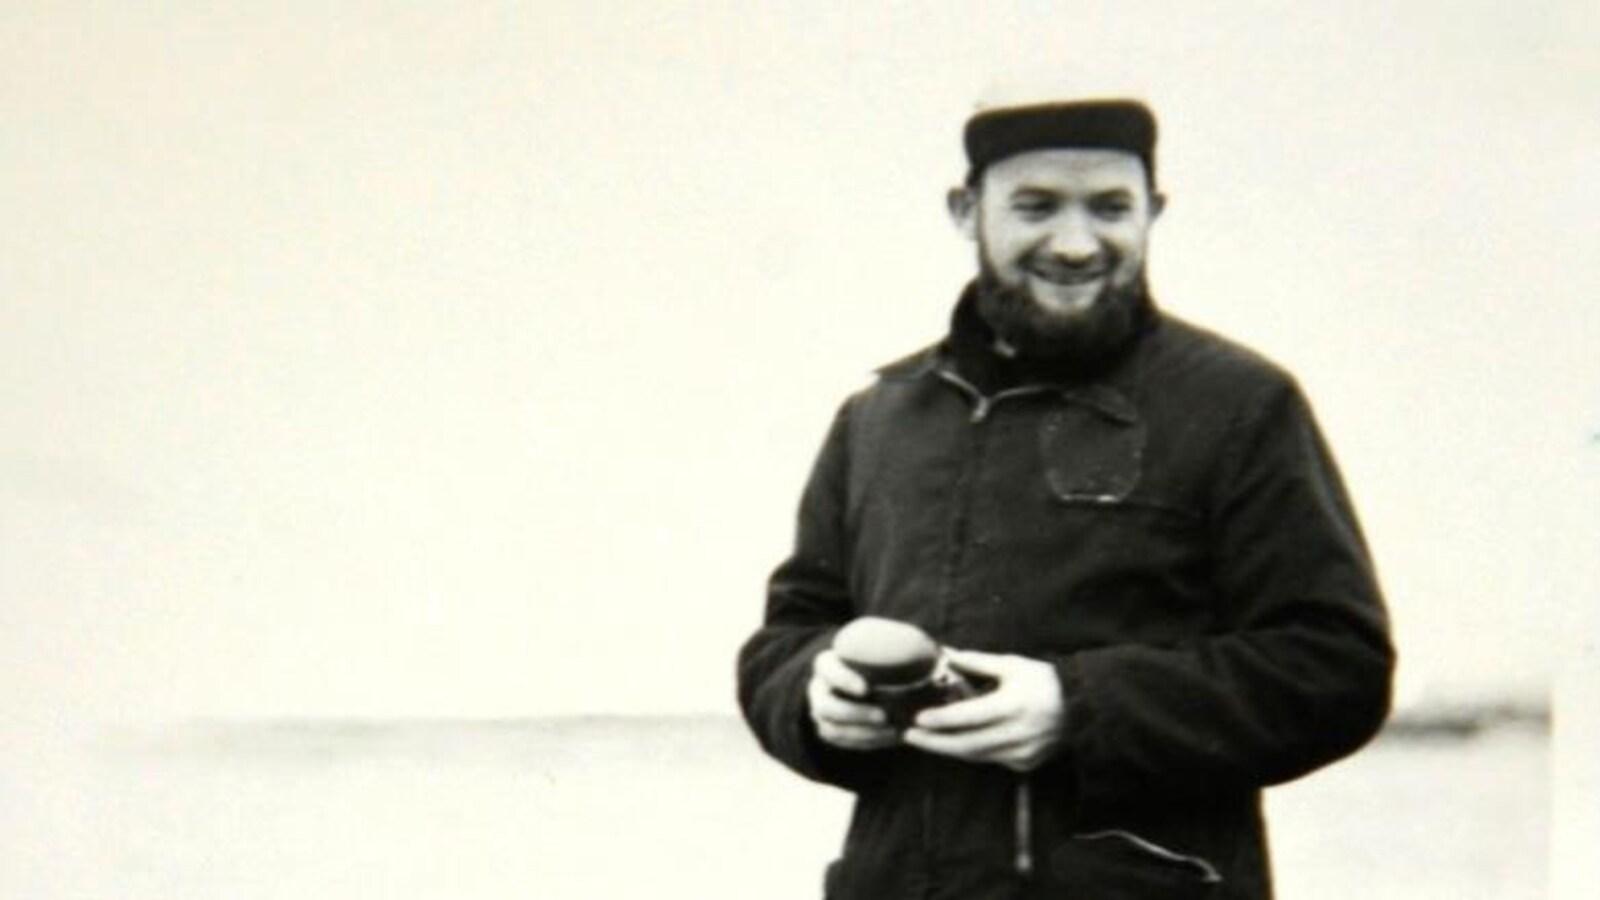 Un homme sur une photo en noir et blanc.